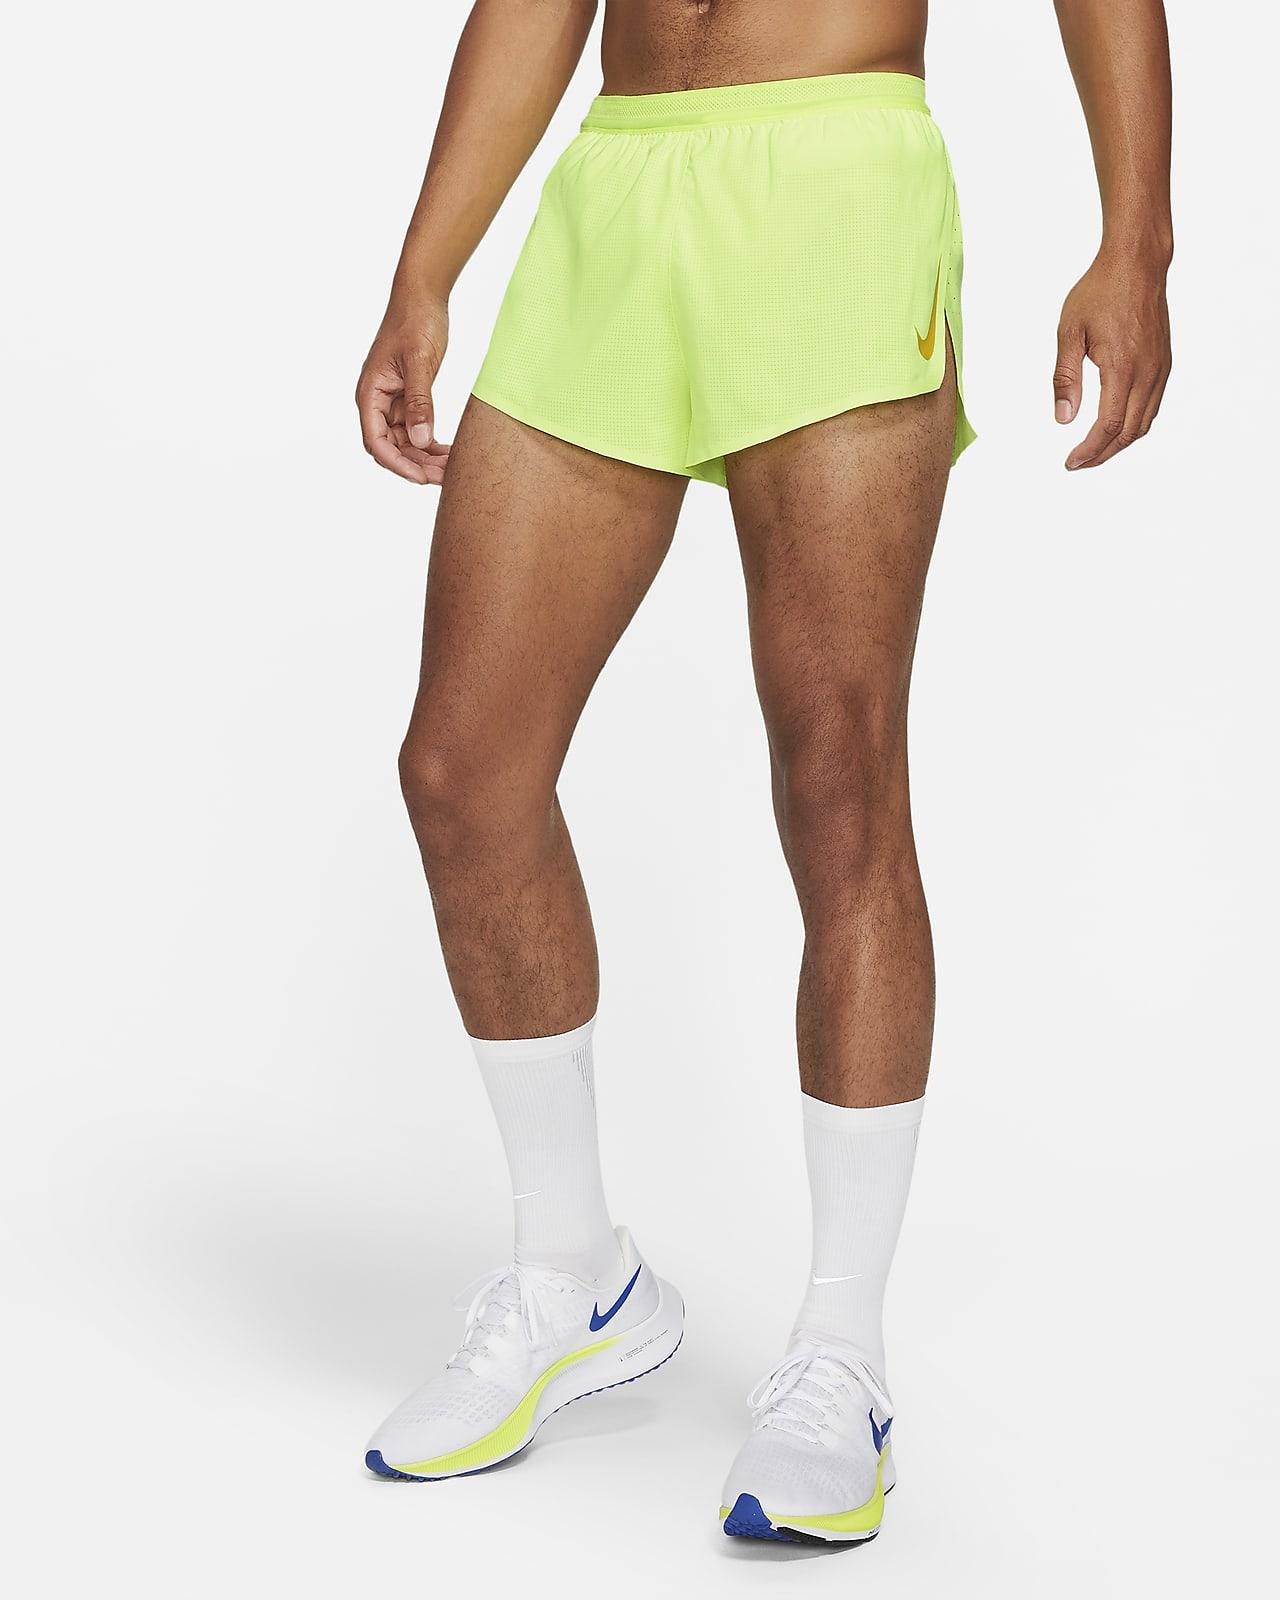 Мужские беговые шорты Nike AeroSwift 5 см